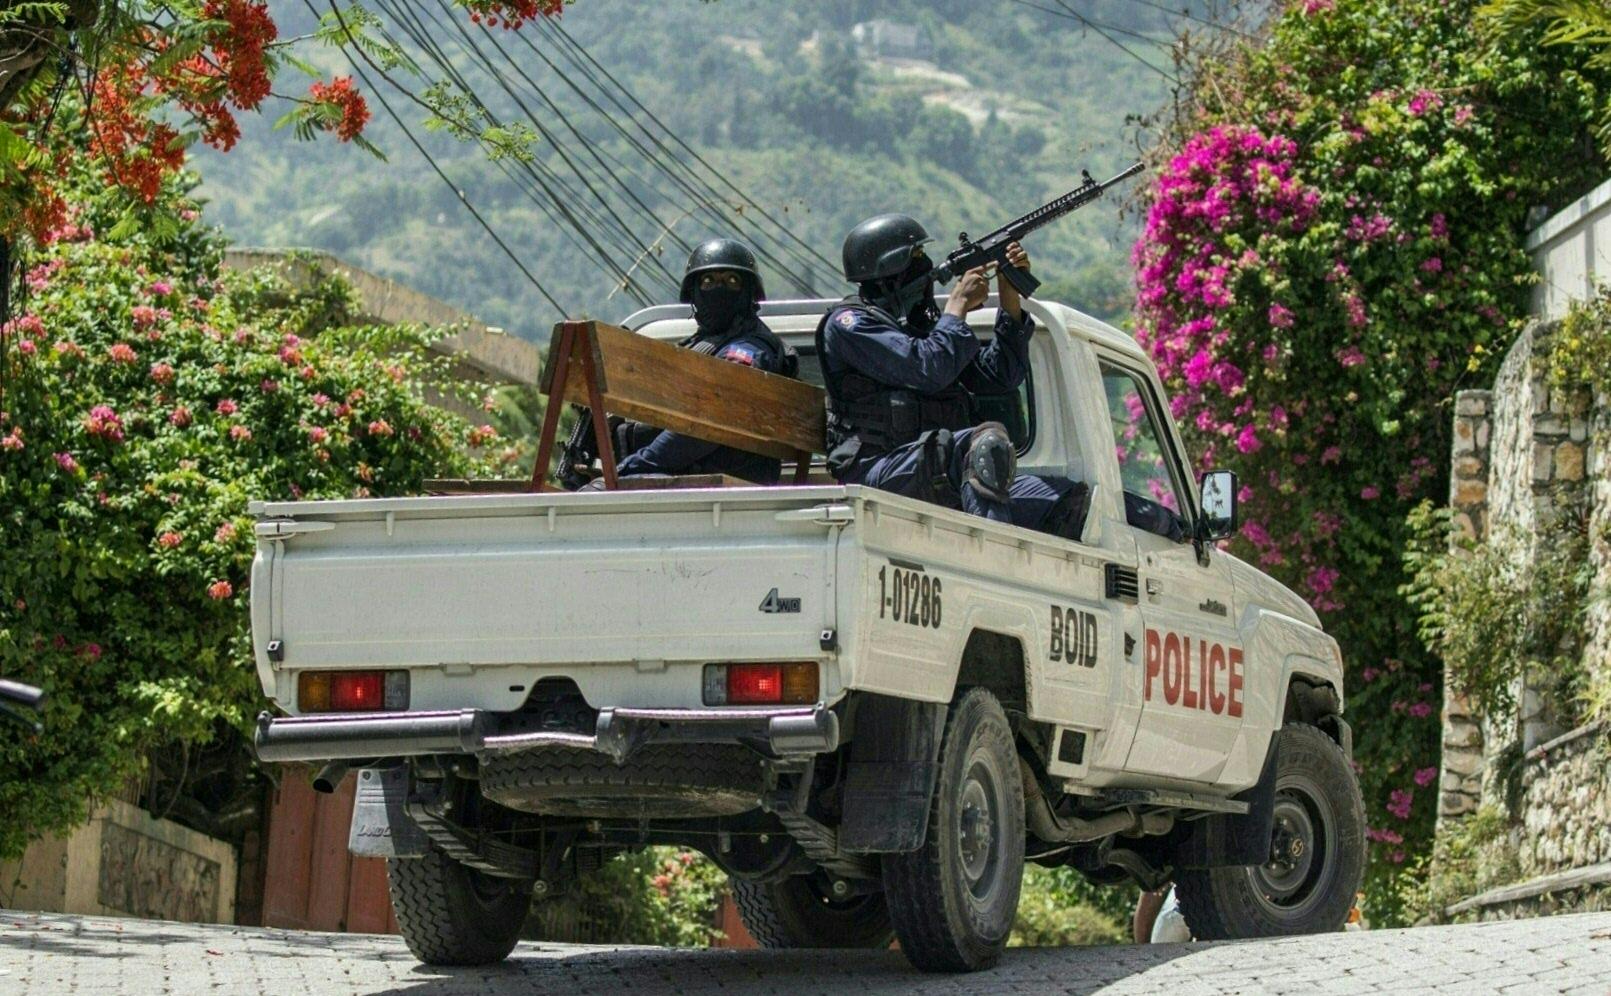 Joe Biden nem akar katonákat küldeni Haitire, hogy stabilizálják az országot